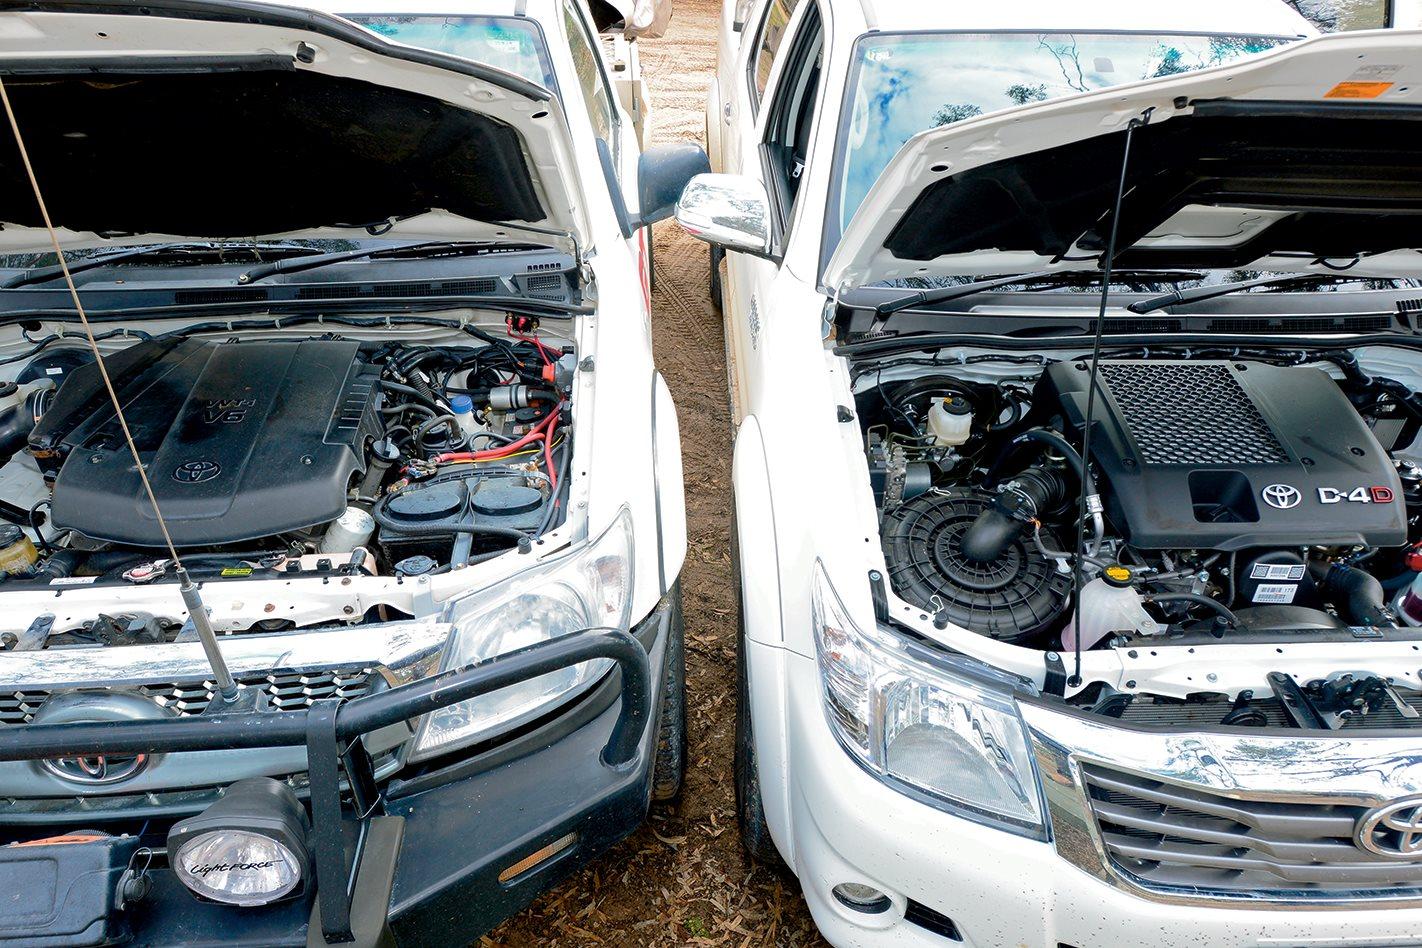 Petrol vs Diesel vs LPG: Which fuel is best?